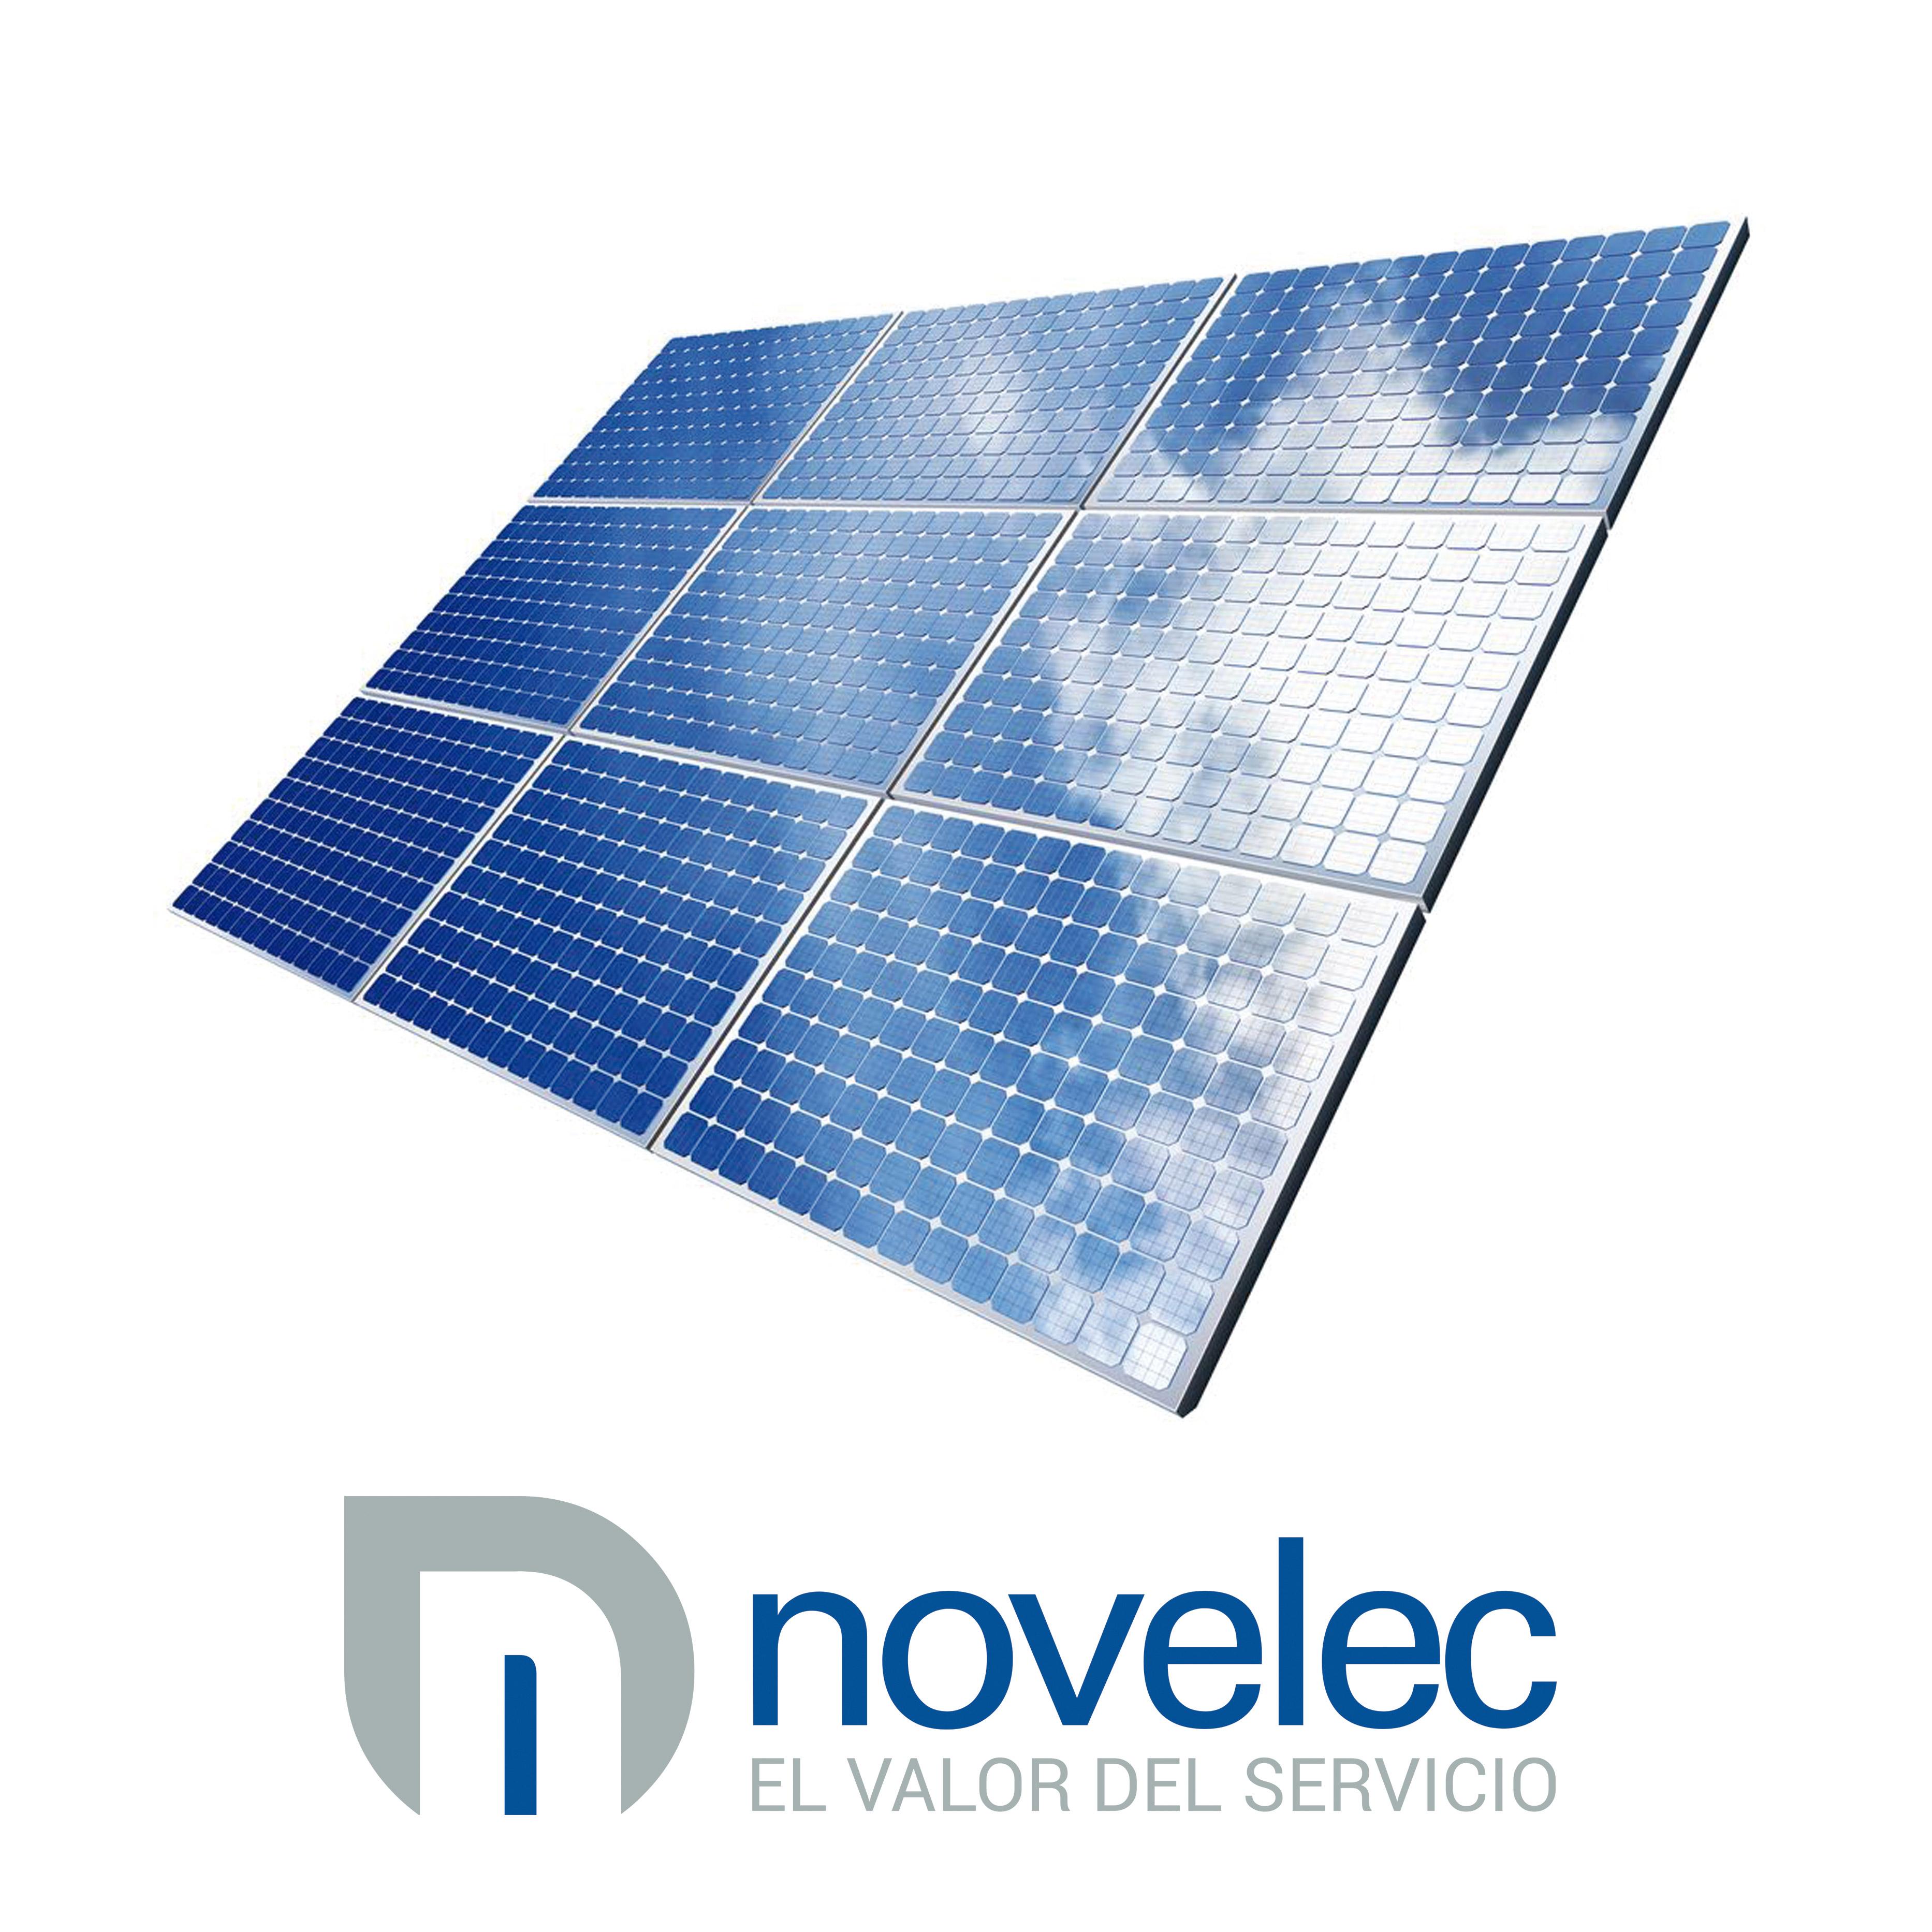 nota de prensa sobre formaciones fotovoltaica